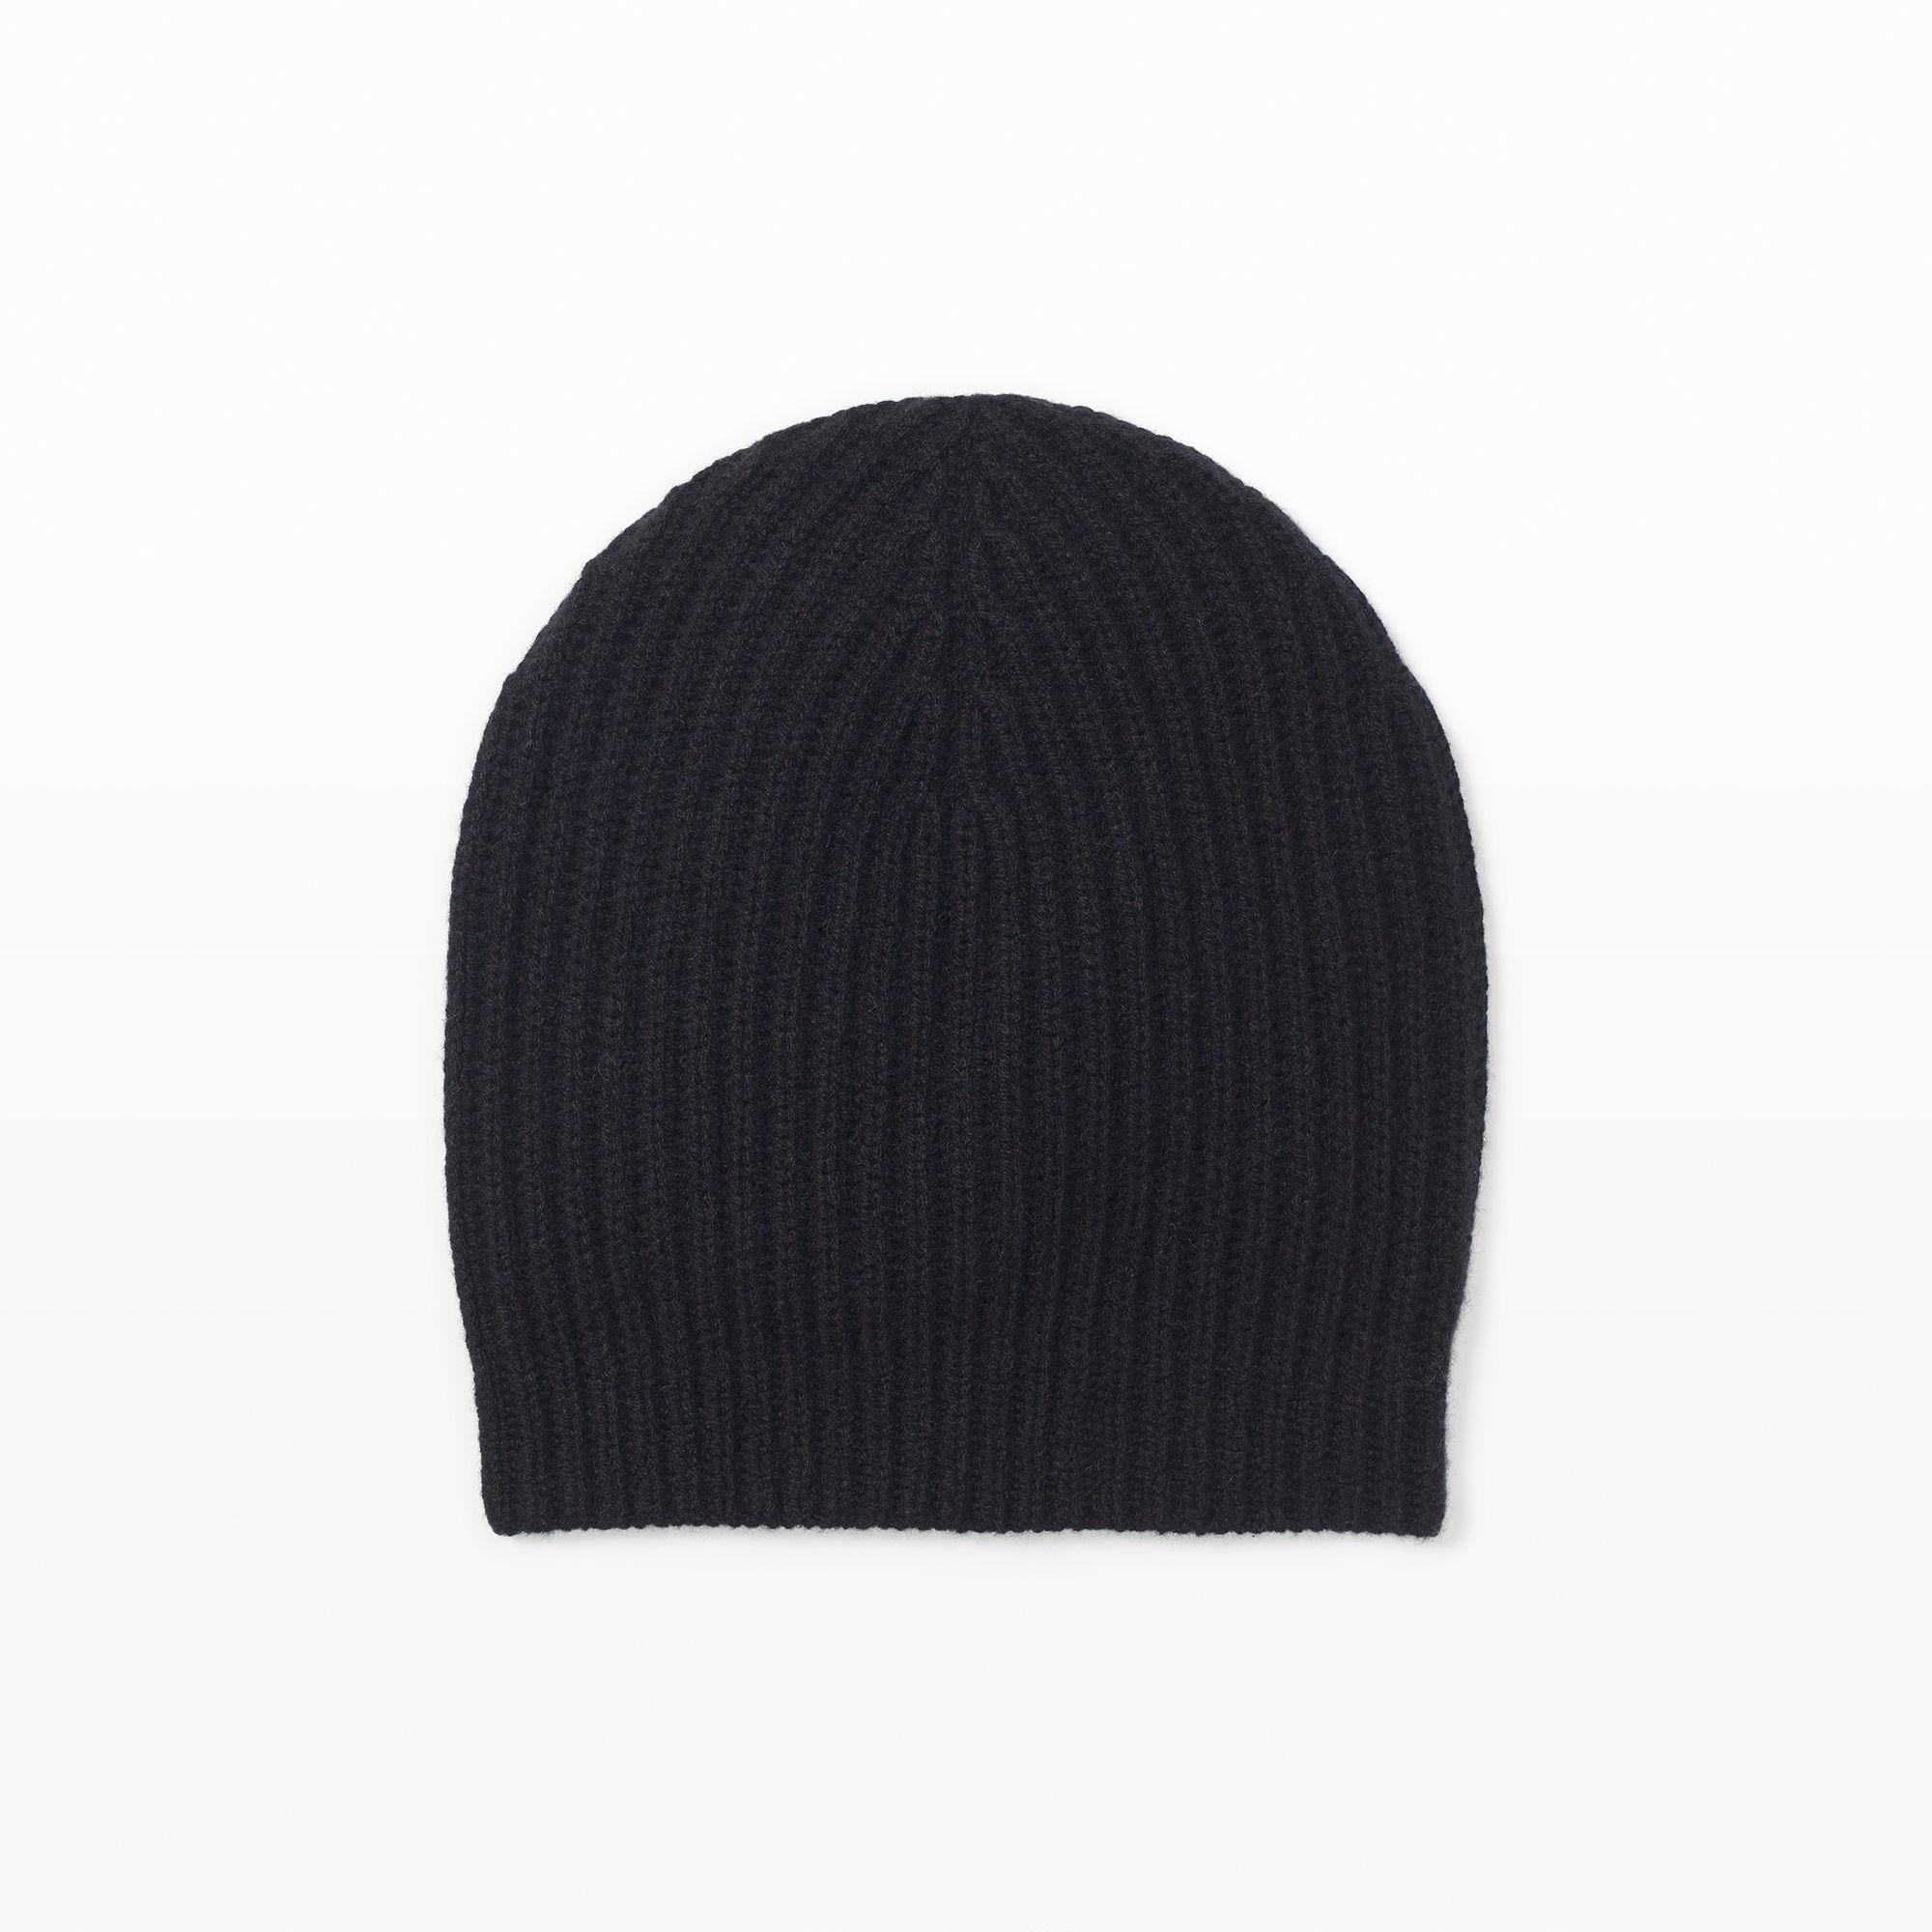 88c96e4602ce1 Lyst - Club Monaco Colleen Cashmere Hat in Black